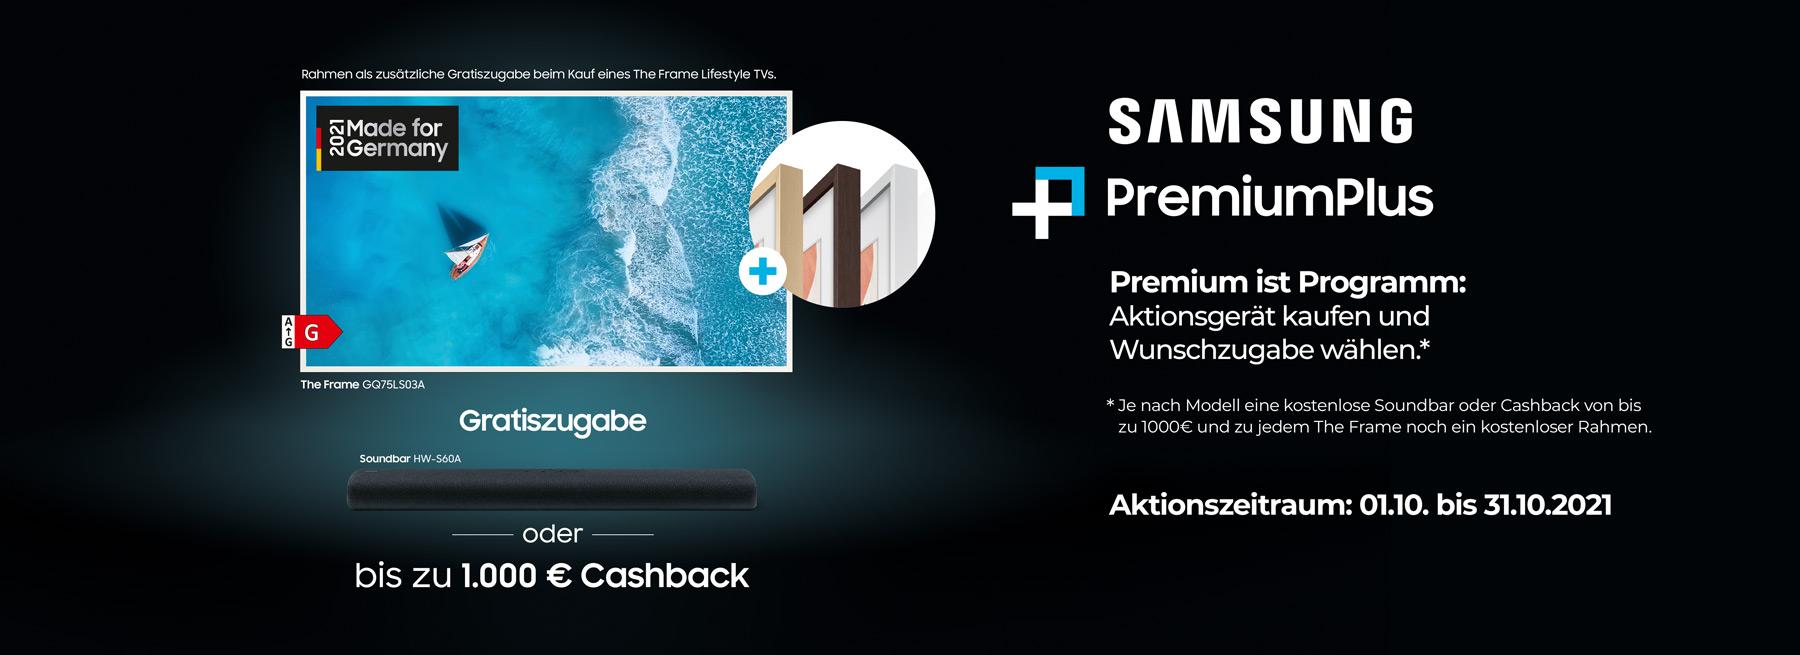 samsung-premium-plus-oktober-2021-promotion